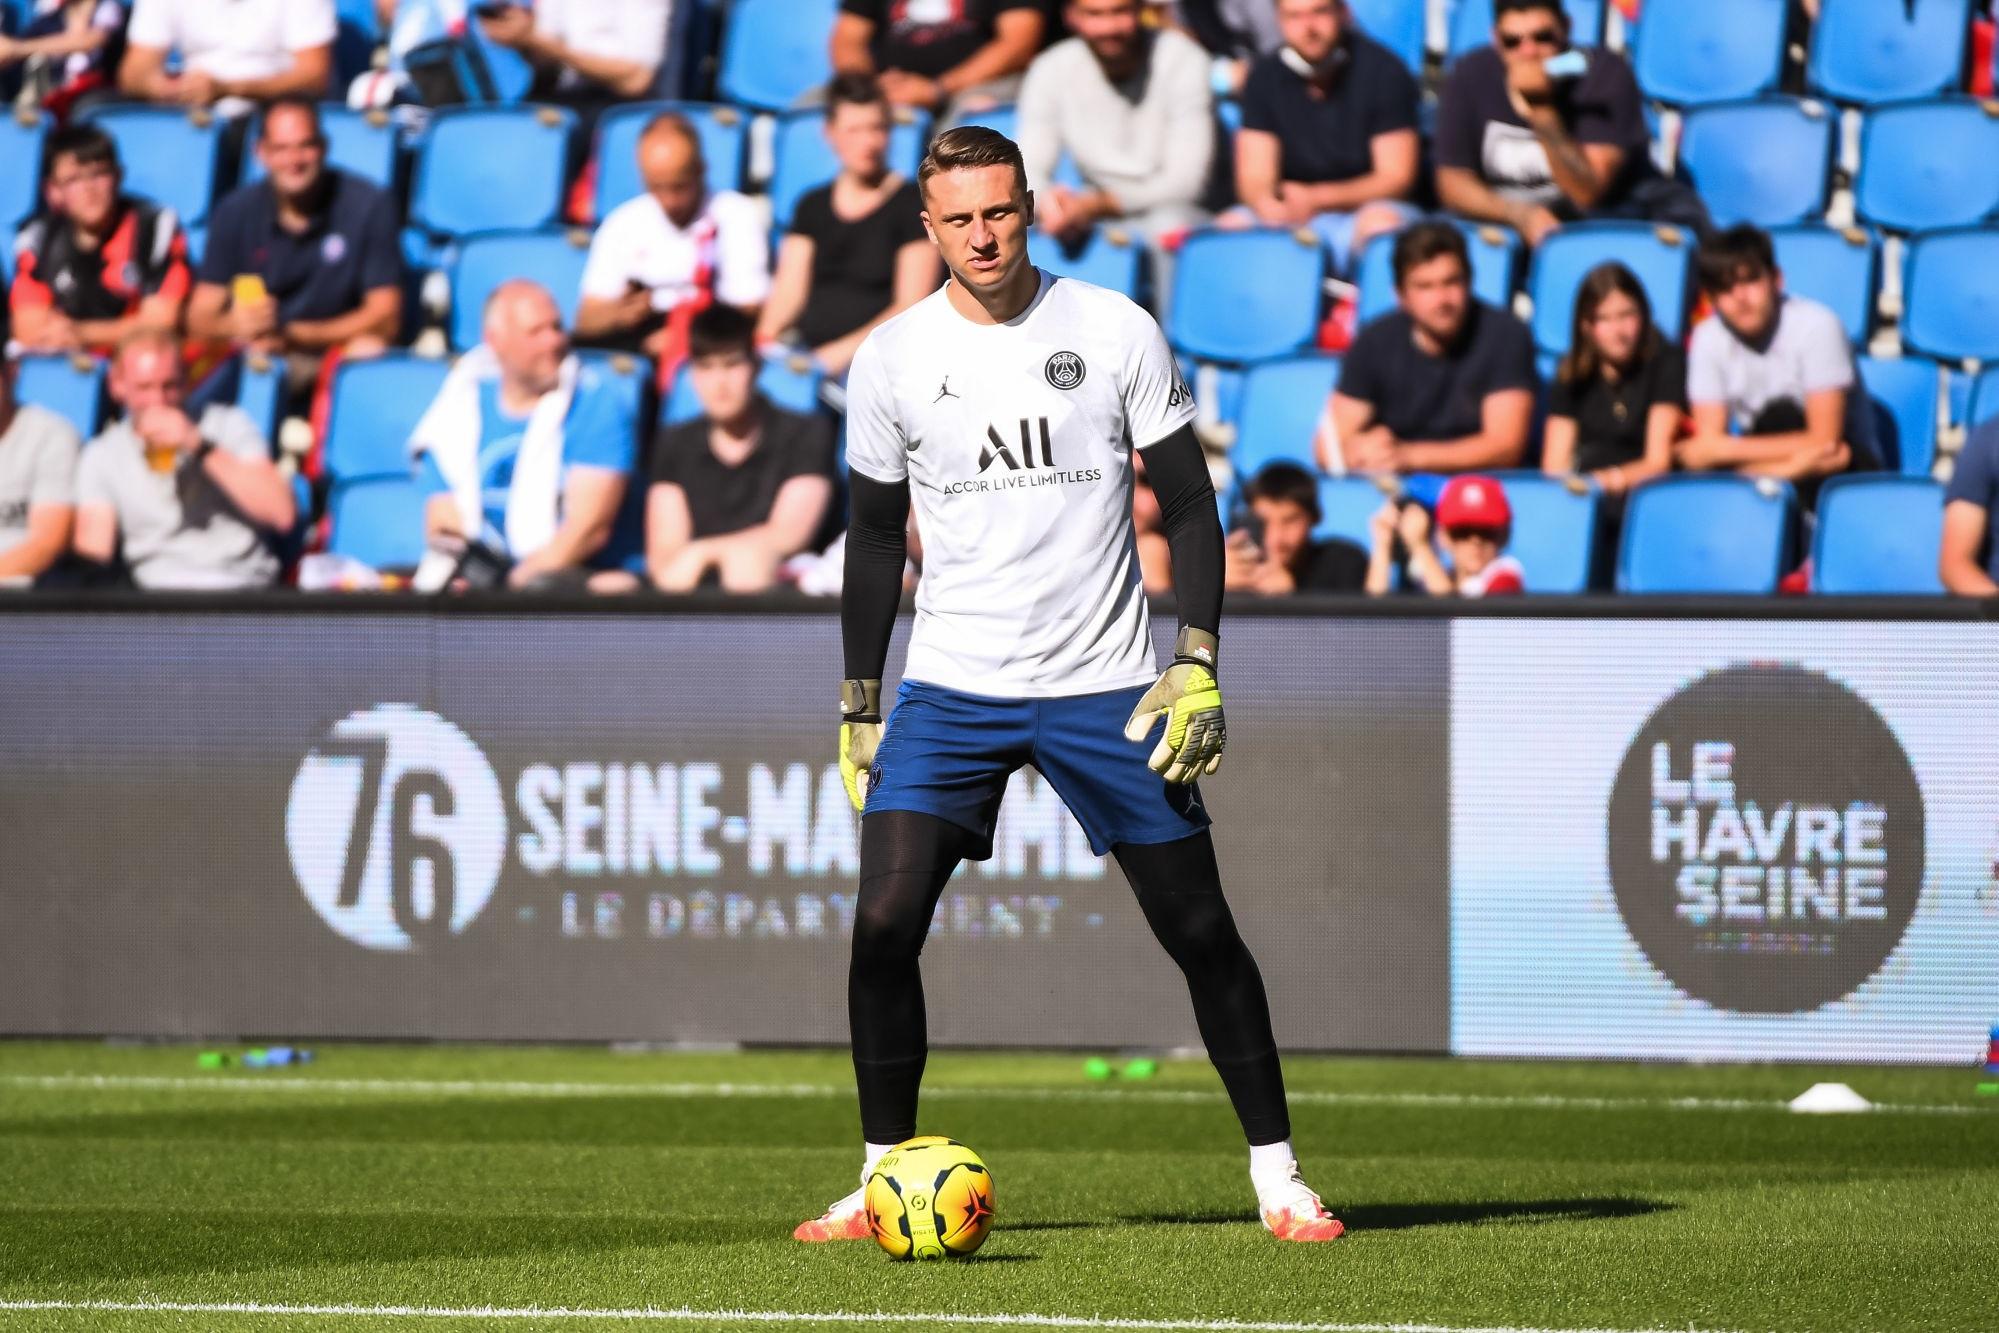 Mercato - Bulka en discussion avec un club espagnol pour un prêt, annonce Goal